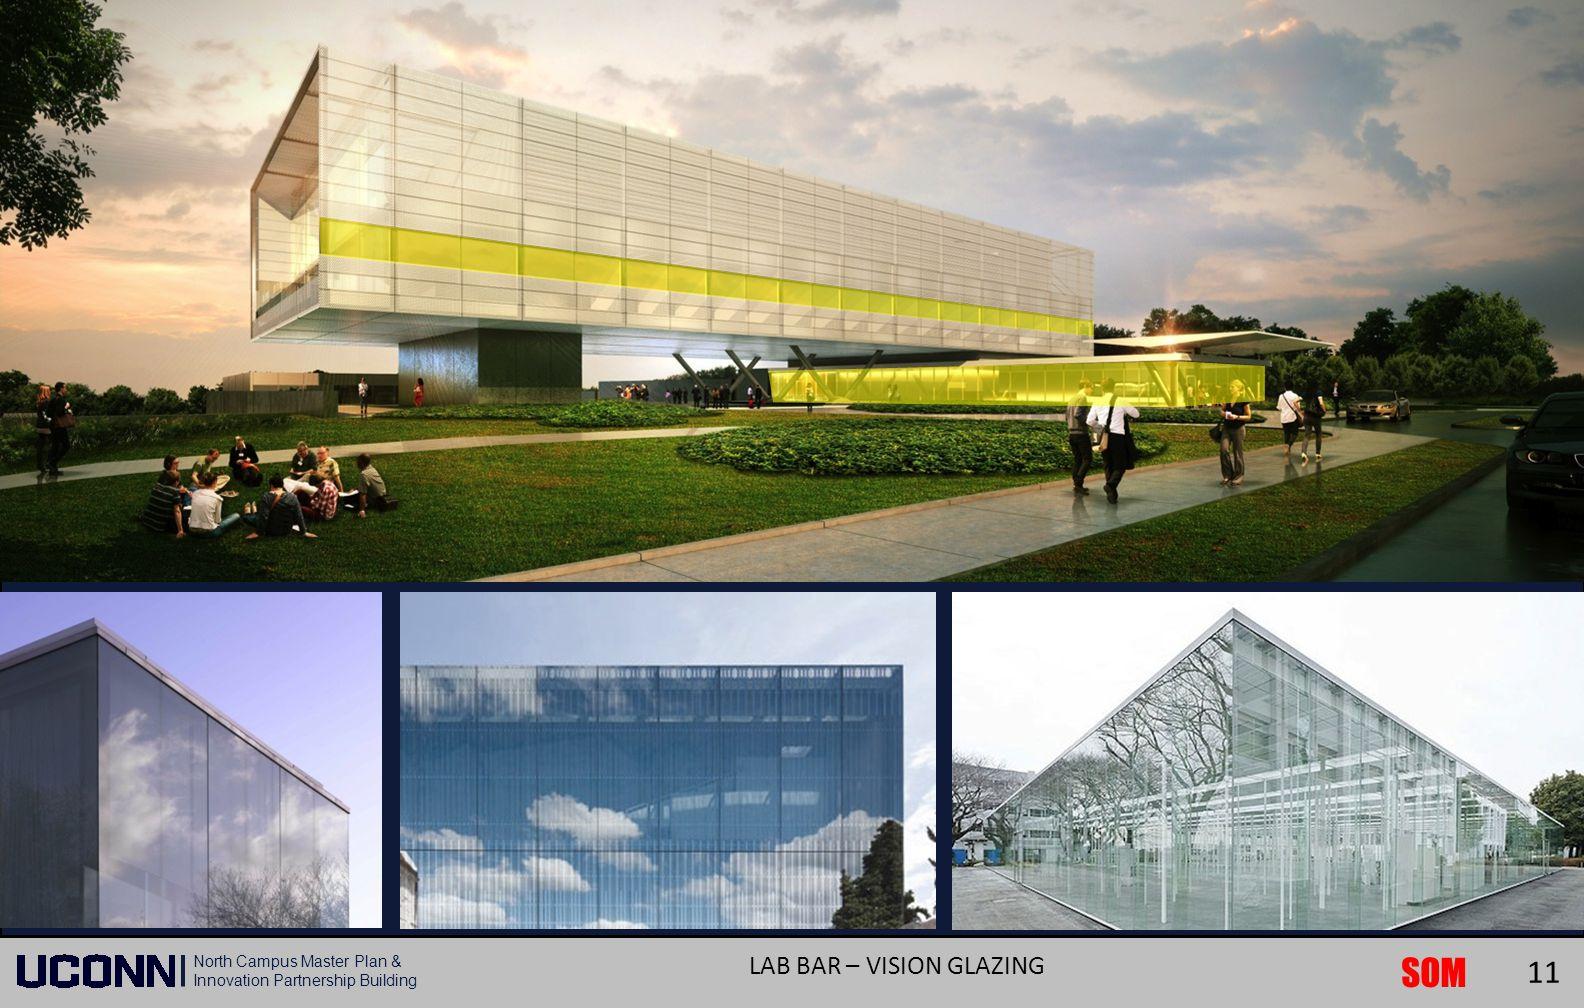 SOM North Campus Master Plan & Innovation Partnership Building LAB BAR – VISION GLAZING 11